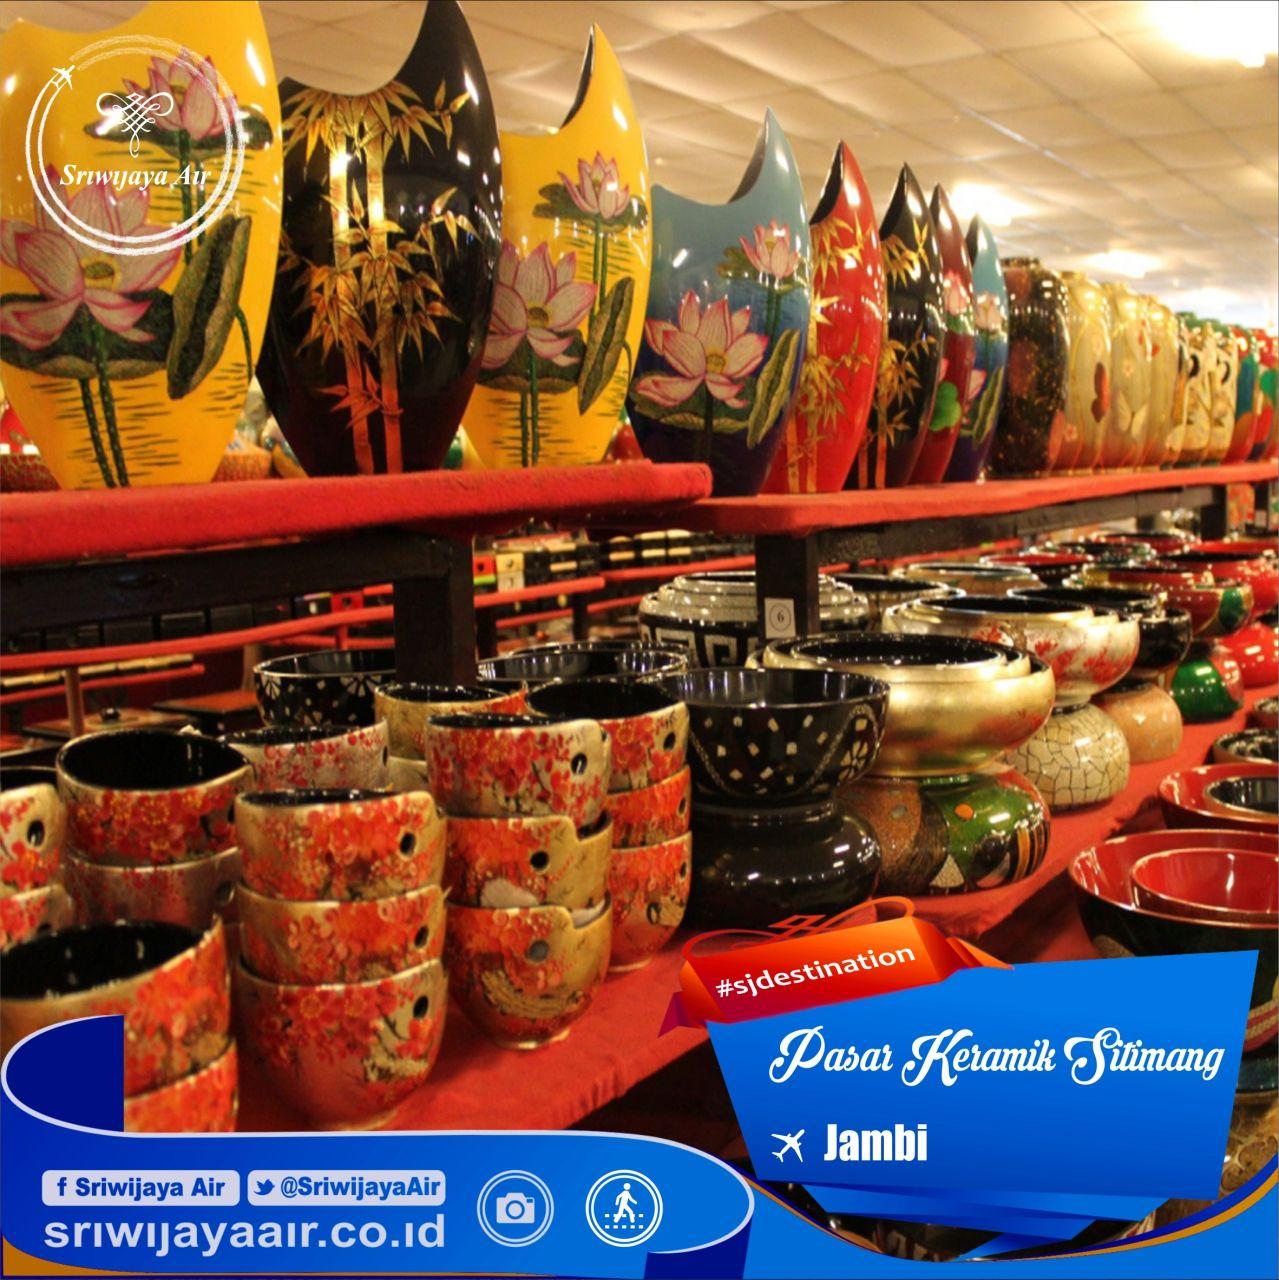 Suka Mengumpulkan Keramik Guci Sejenisnya Kunjungi Pasar Sitimang Jambi Yg